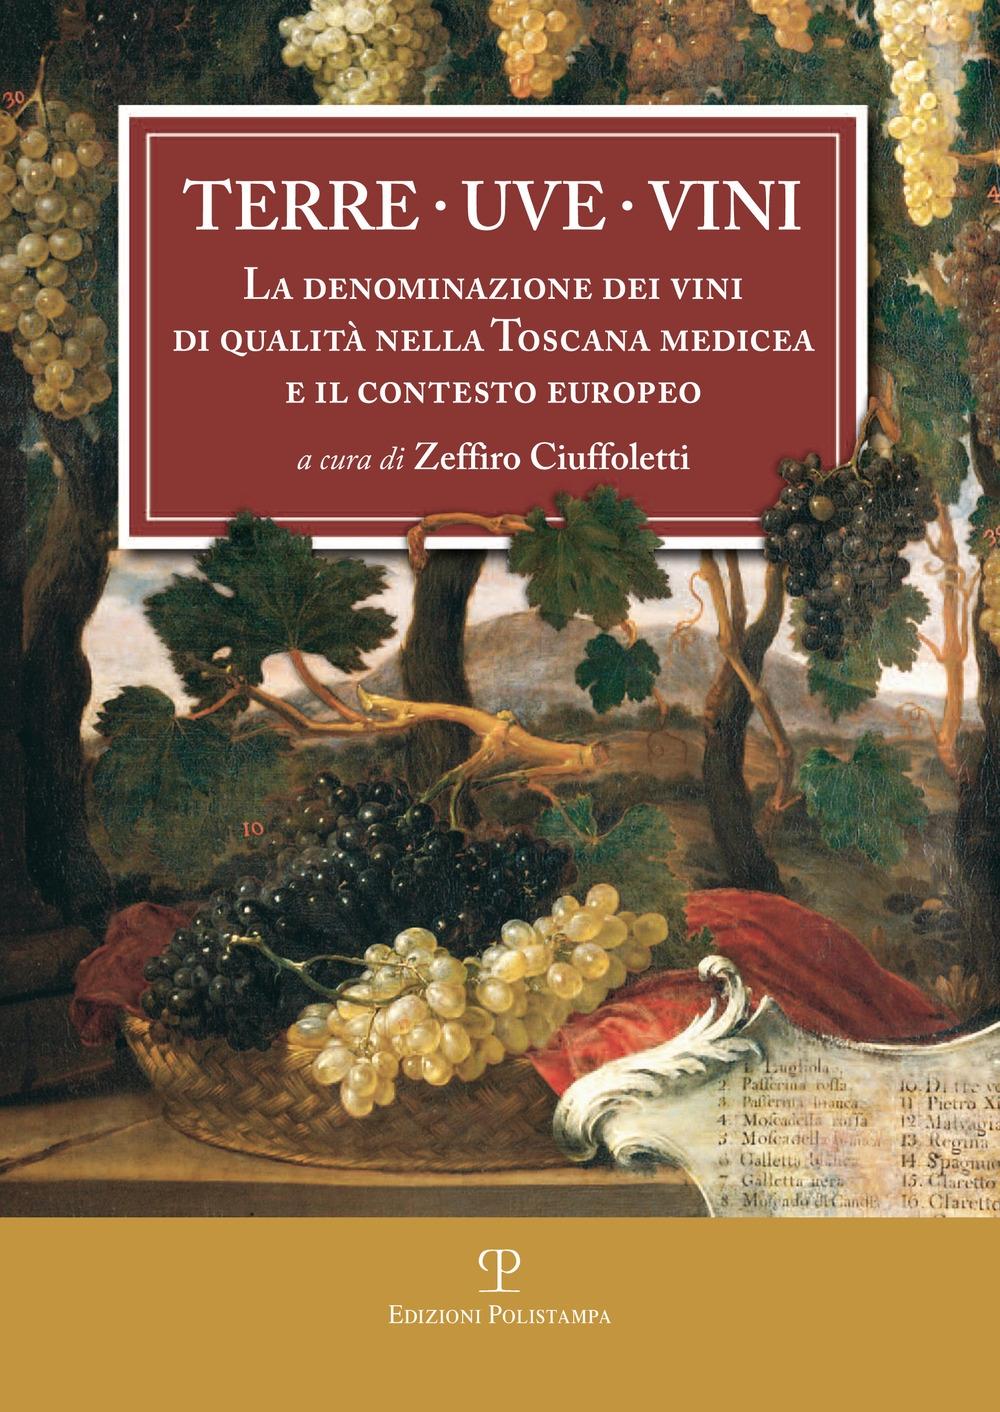 Terre, Uve, Vini. La Denominazione dei Vini di Qualità nella Toscana Medicea (1716) e il Contesto Europeo. A Tre Secoli dai Bandi di Cosimo III De Medici.